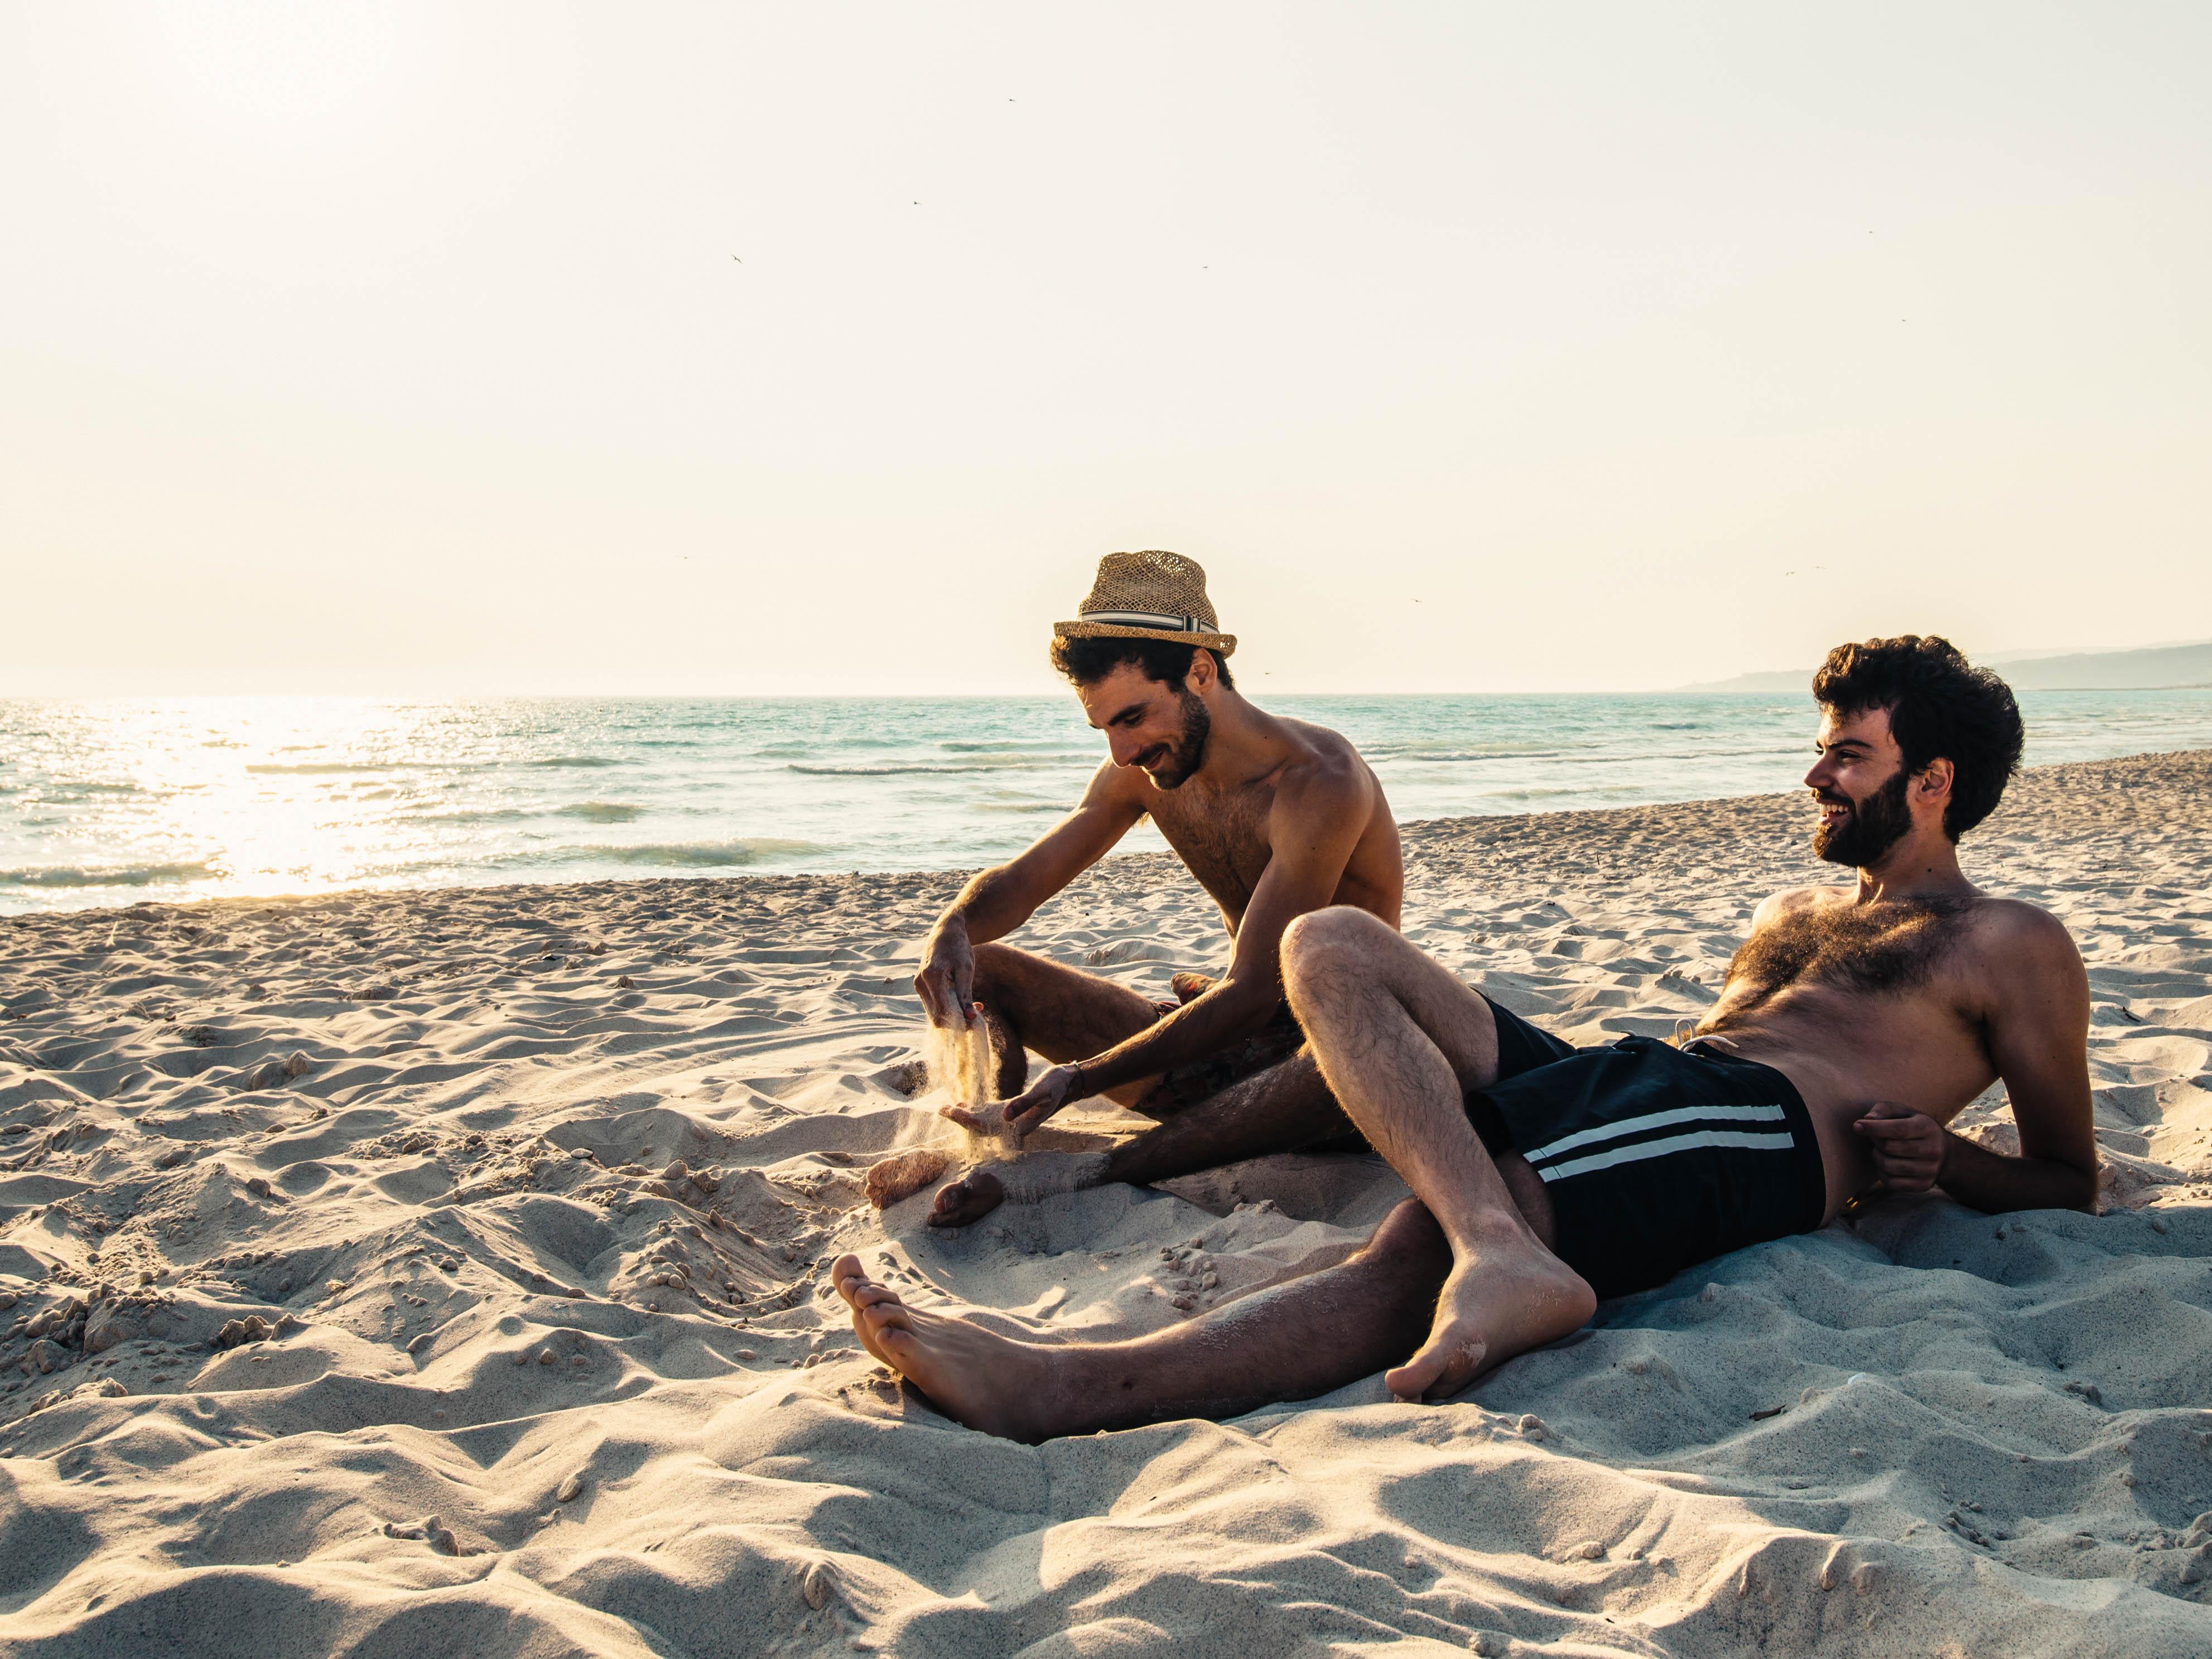 Zwei Männer liegen im Sand und lachen